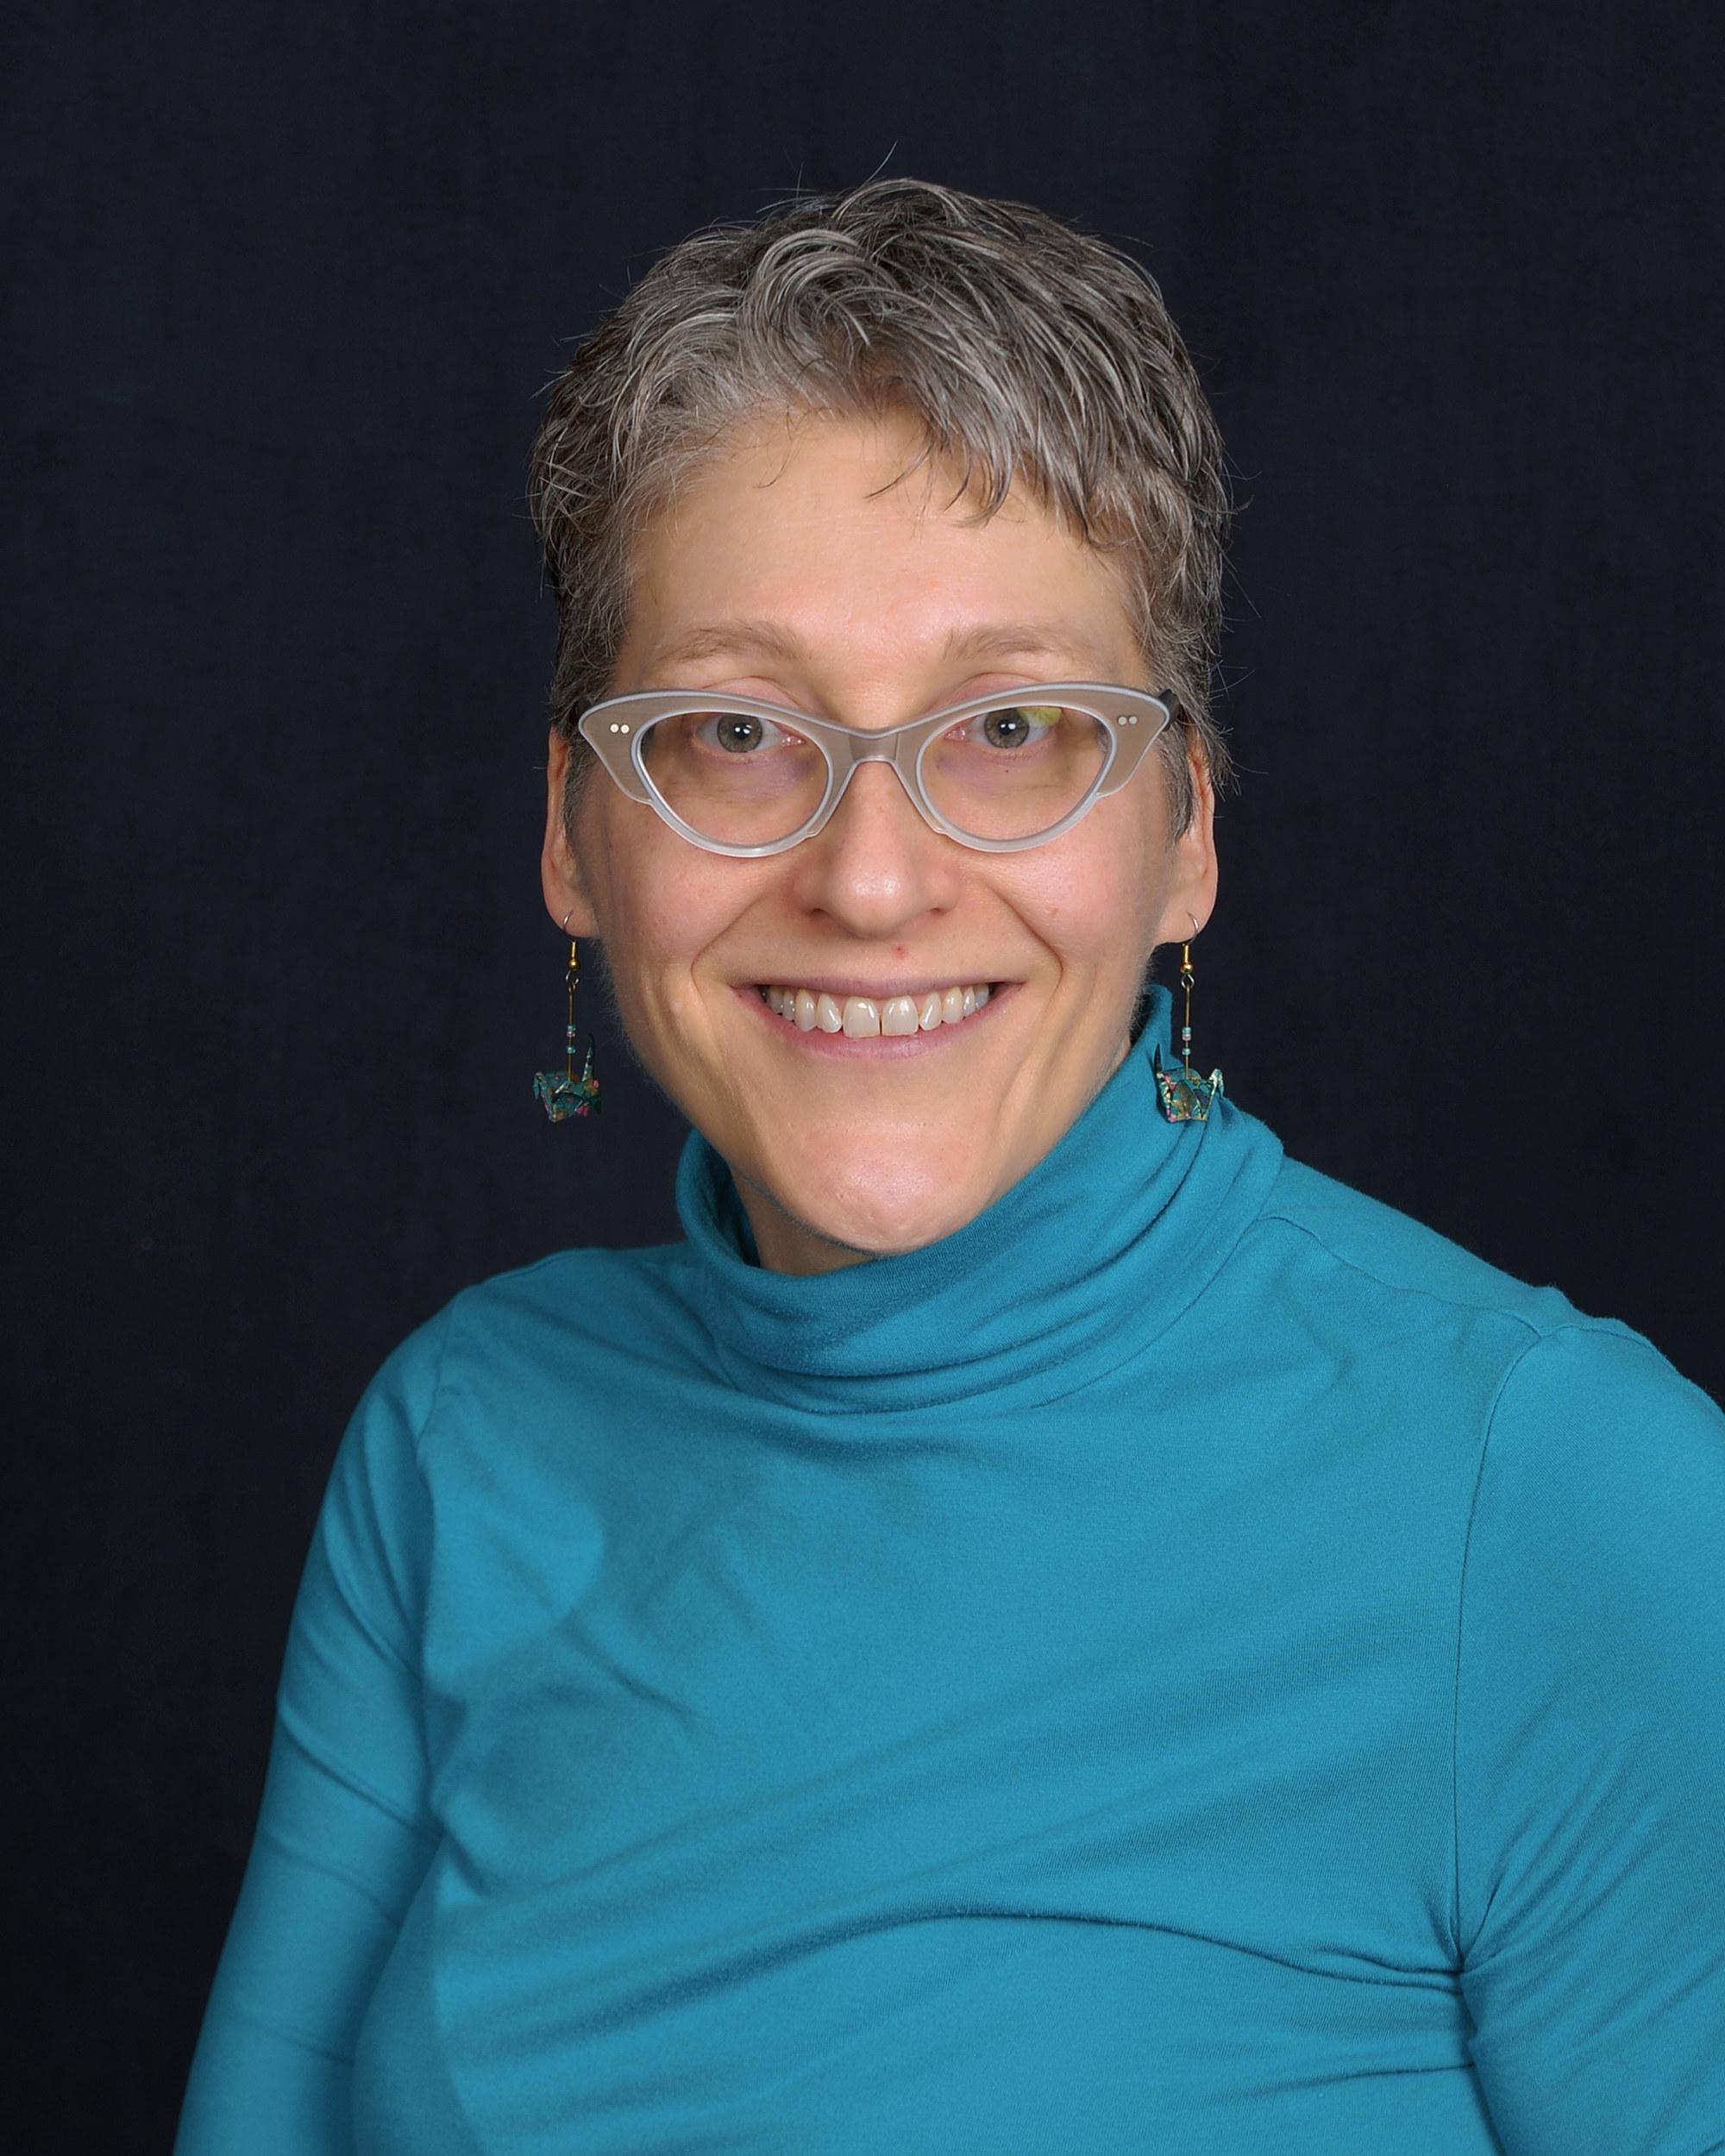 Elizabeth Kimberly